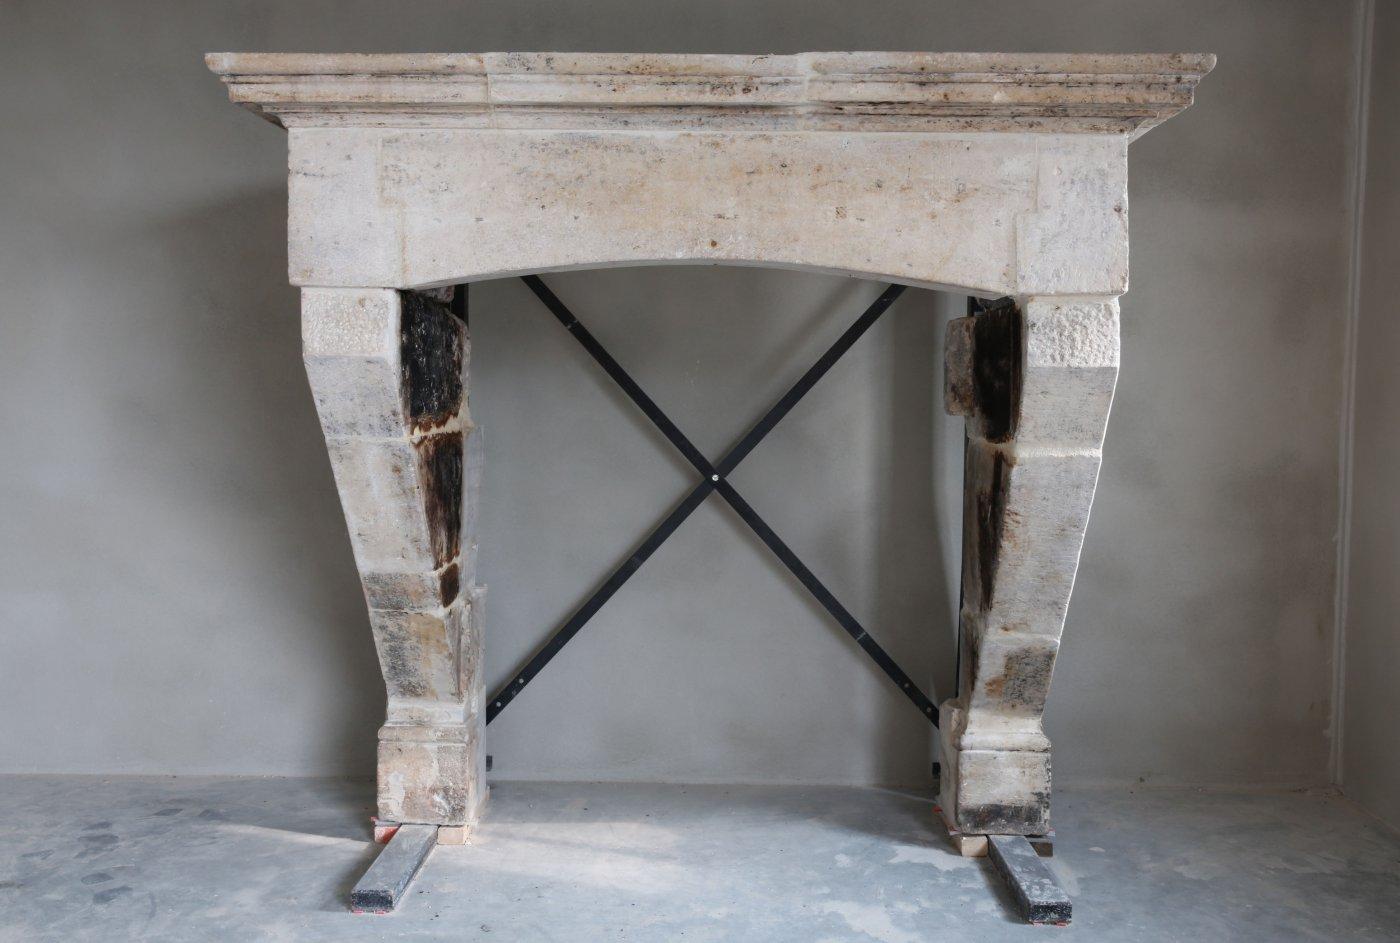 Antique French Castle Fireplace De Opkamer Antique